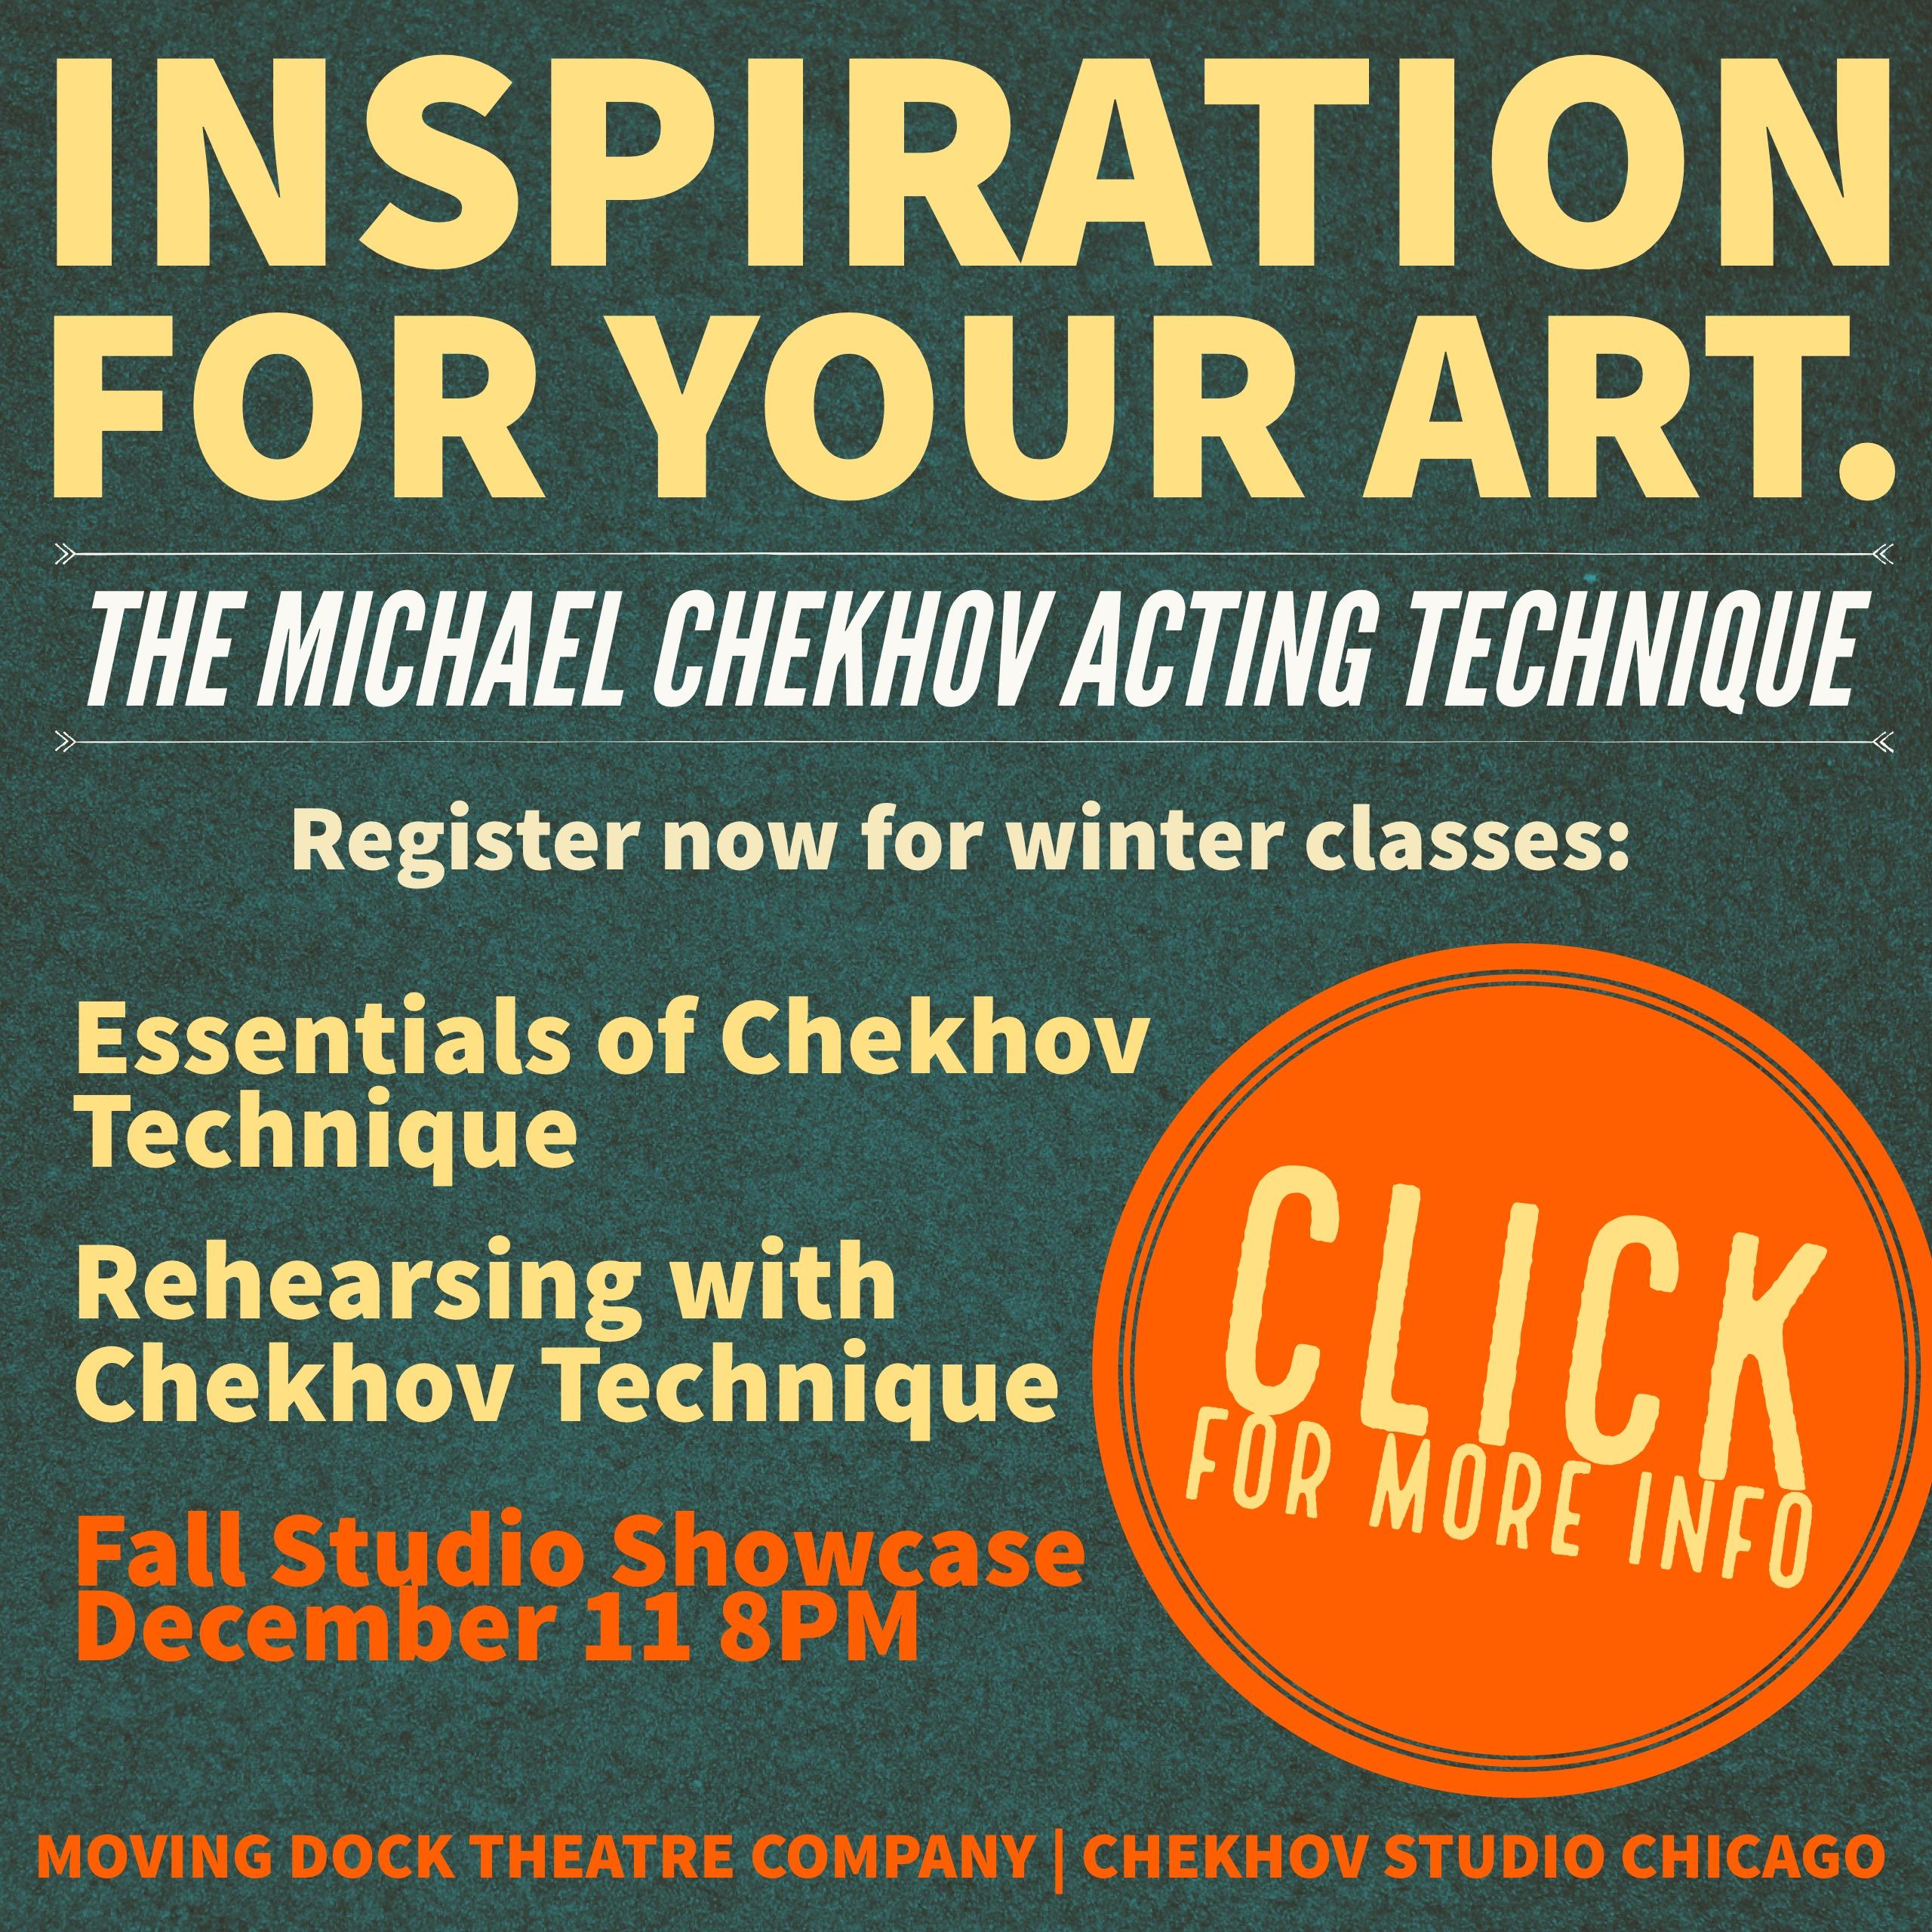 CHEKOV Studio